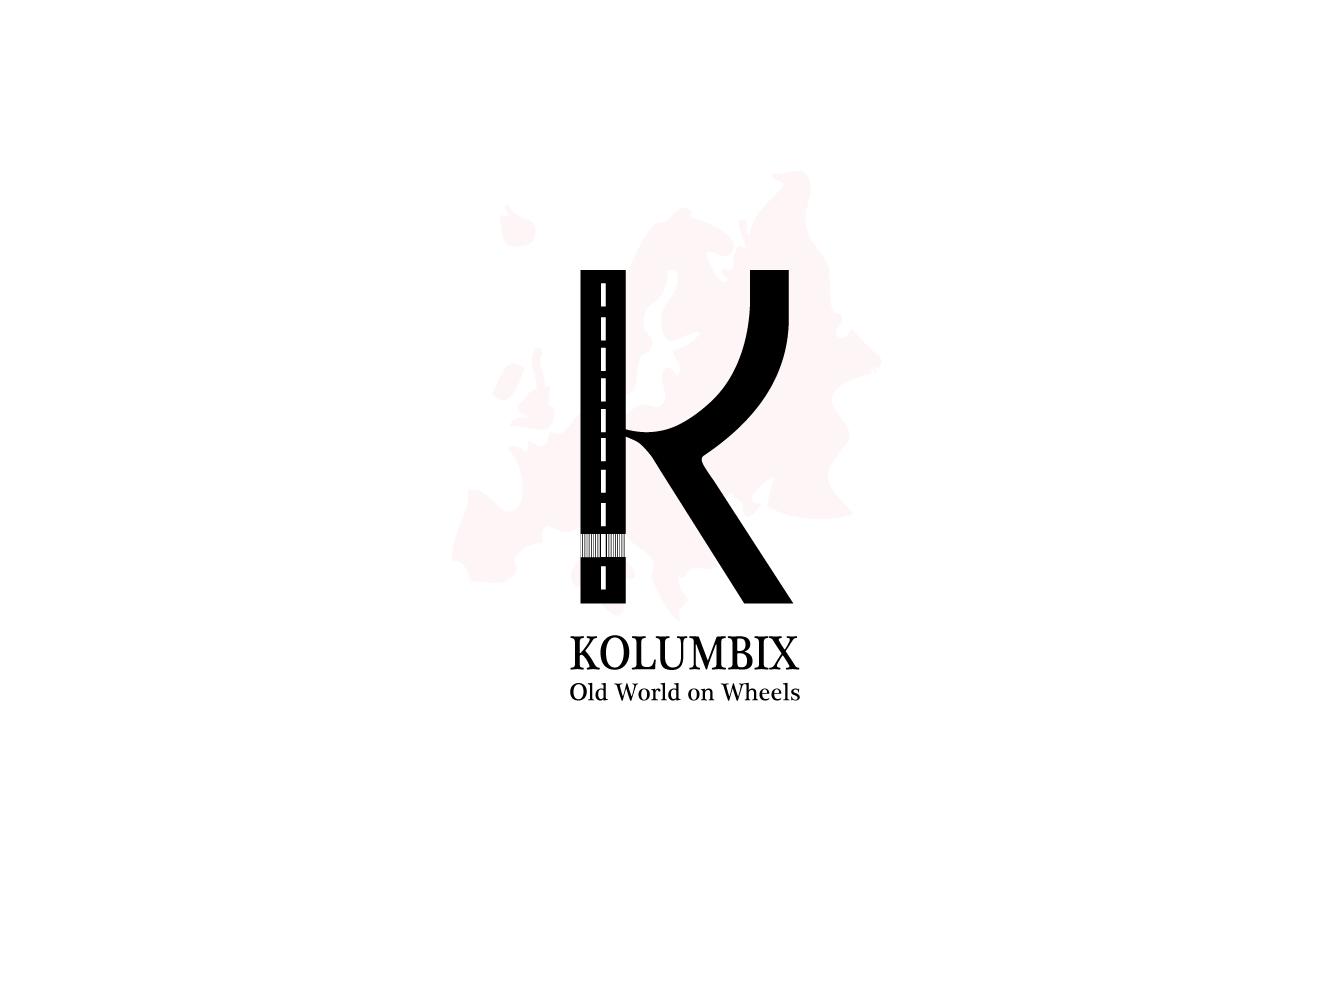 Создание логотипа для туристической фирмы Kolumbix фото f_4fb504b010c6d.png